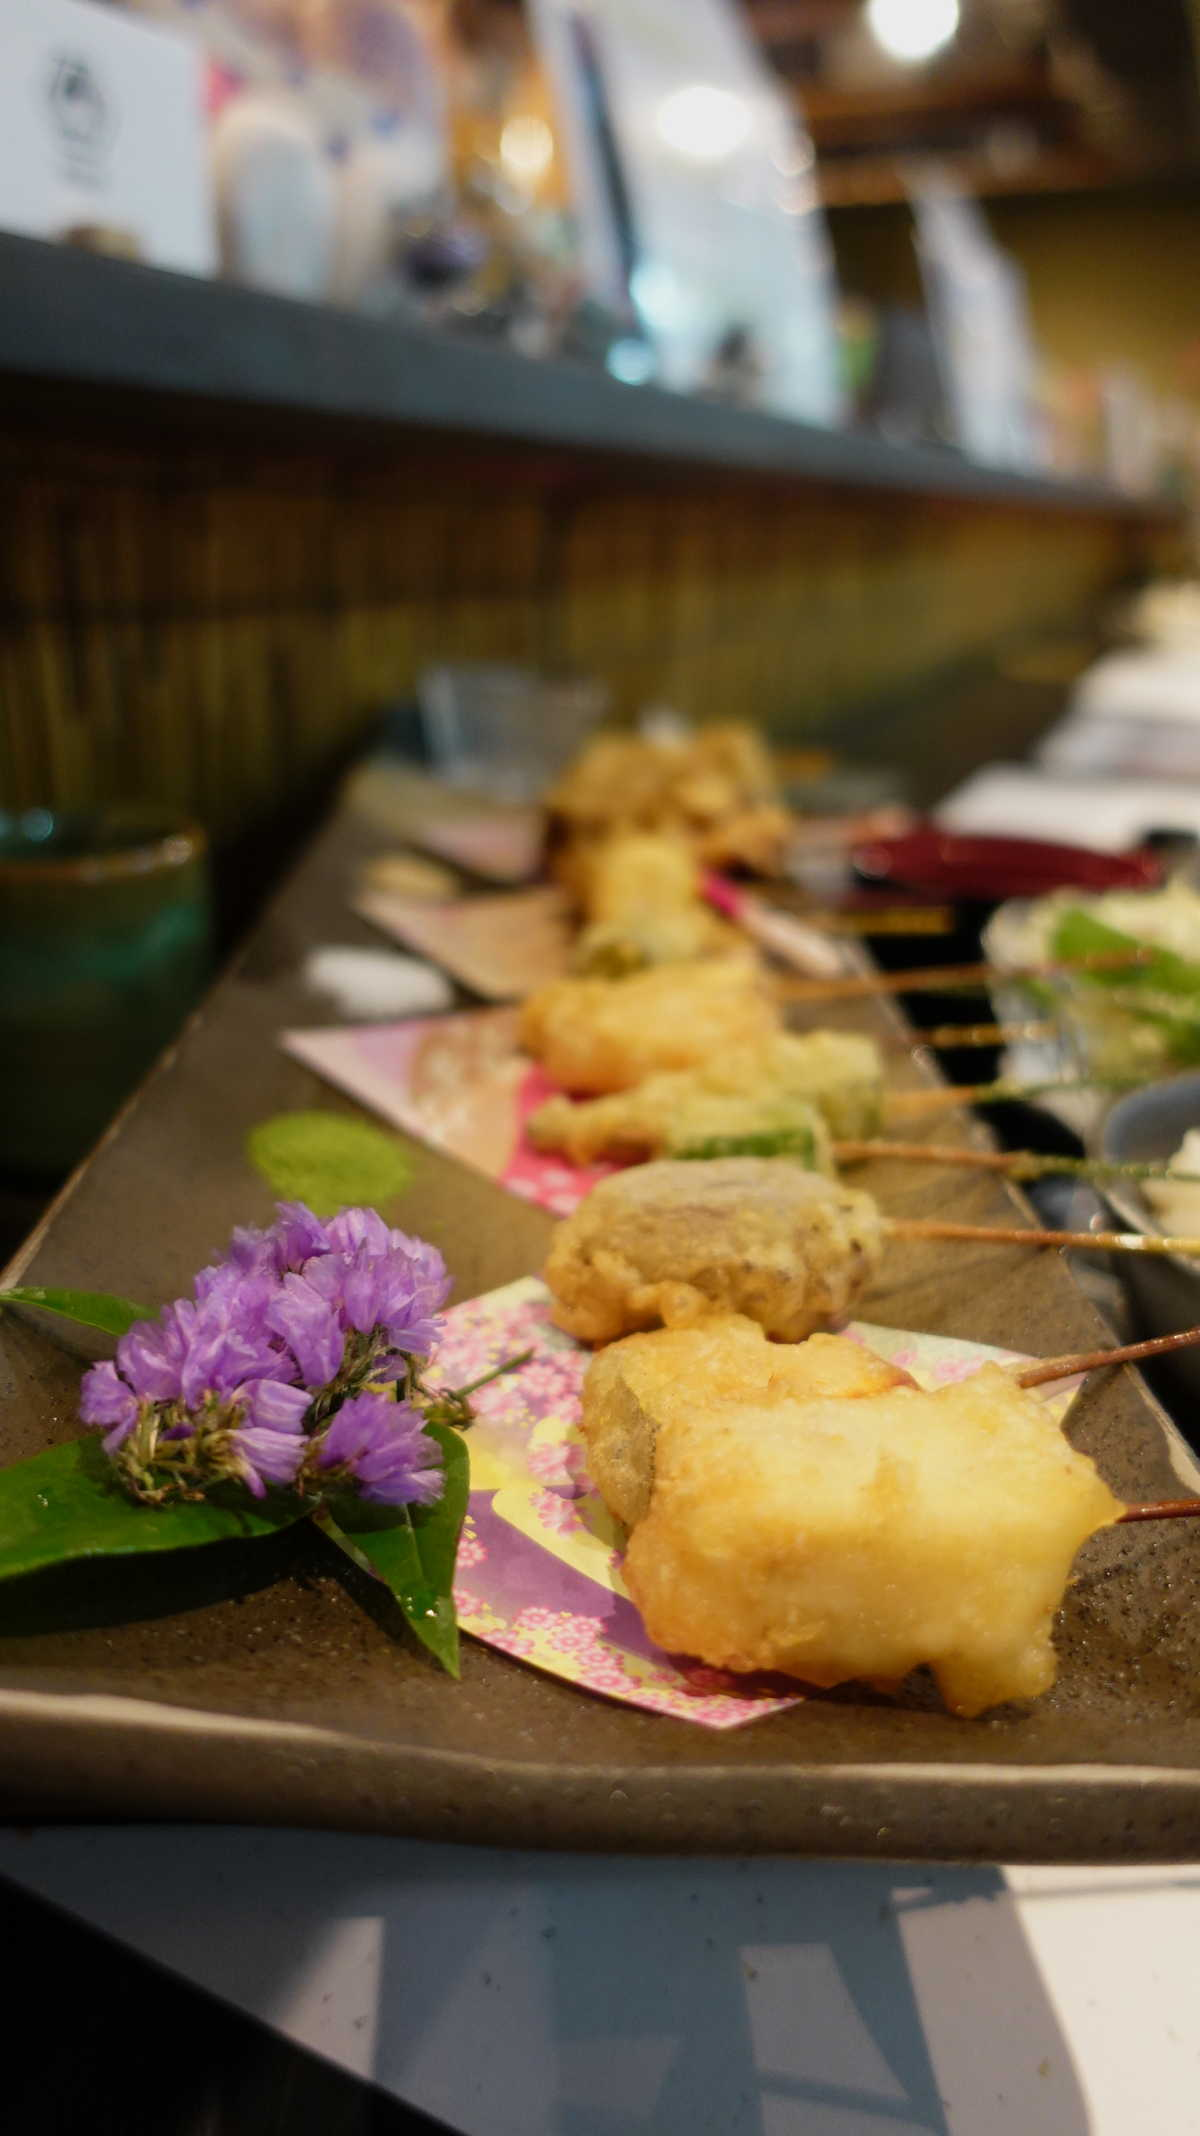 京都で映える&とり天が有名な天ぷら屋さん「舞妓飯」 - TRIPROUD